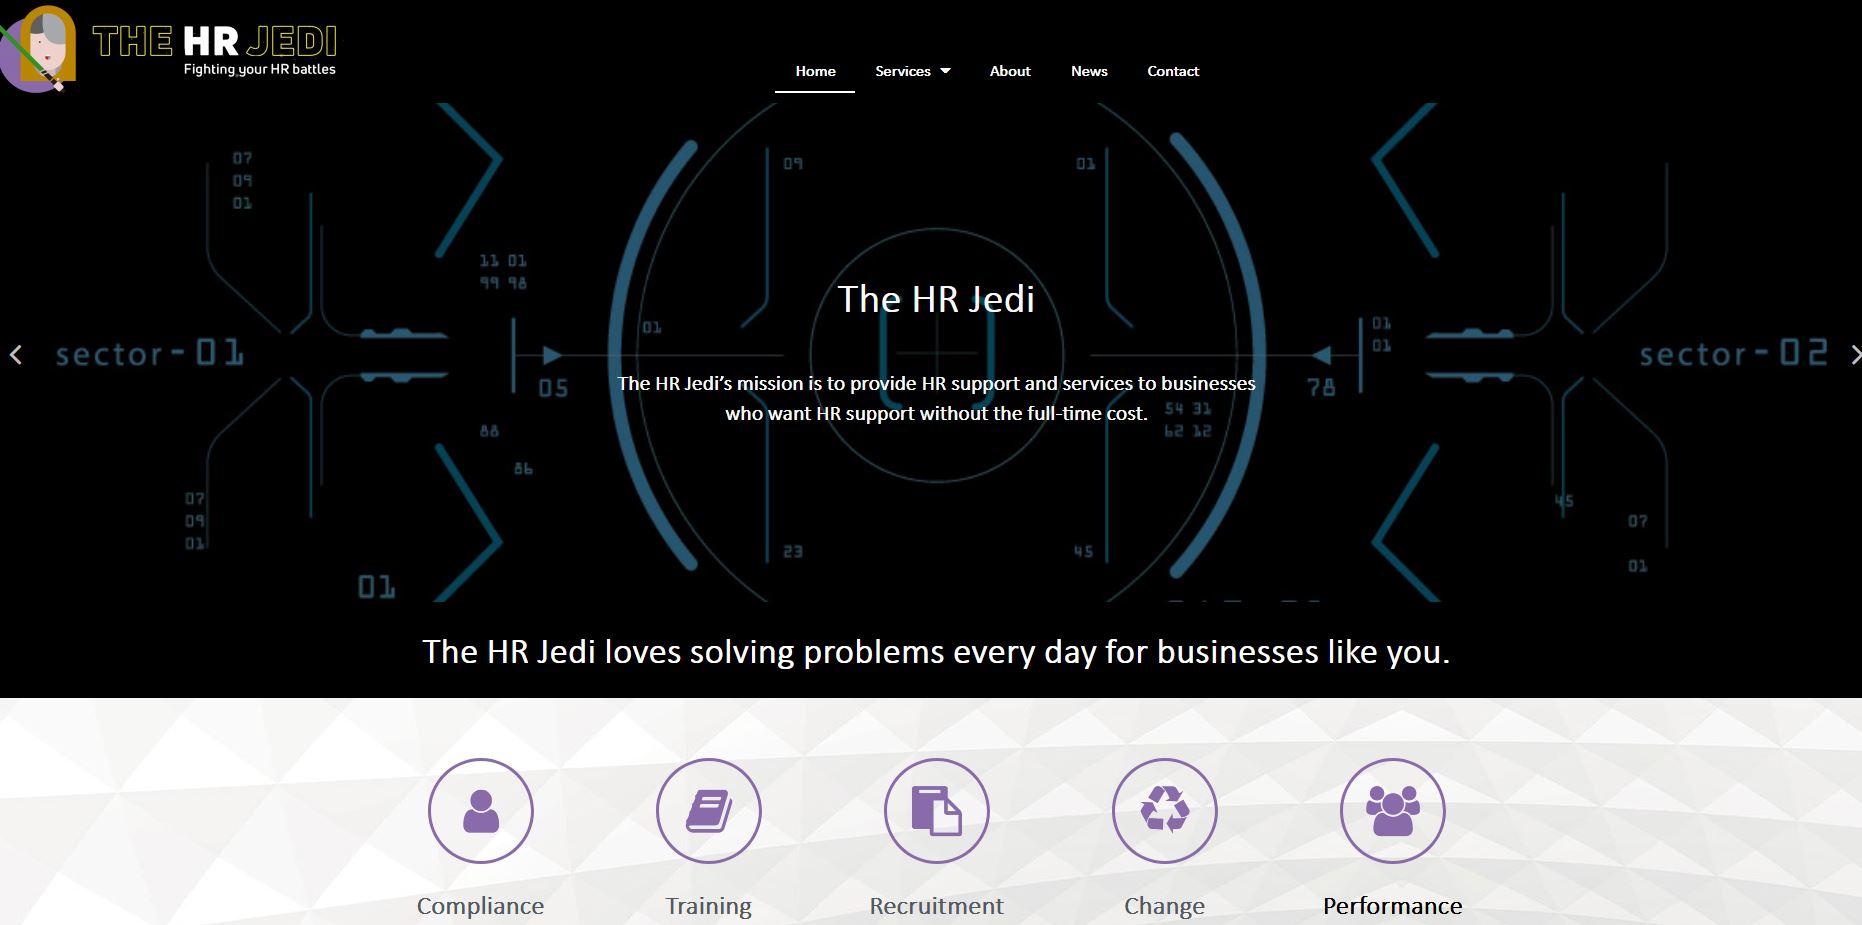 The HR Jedi